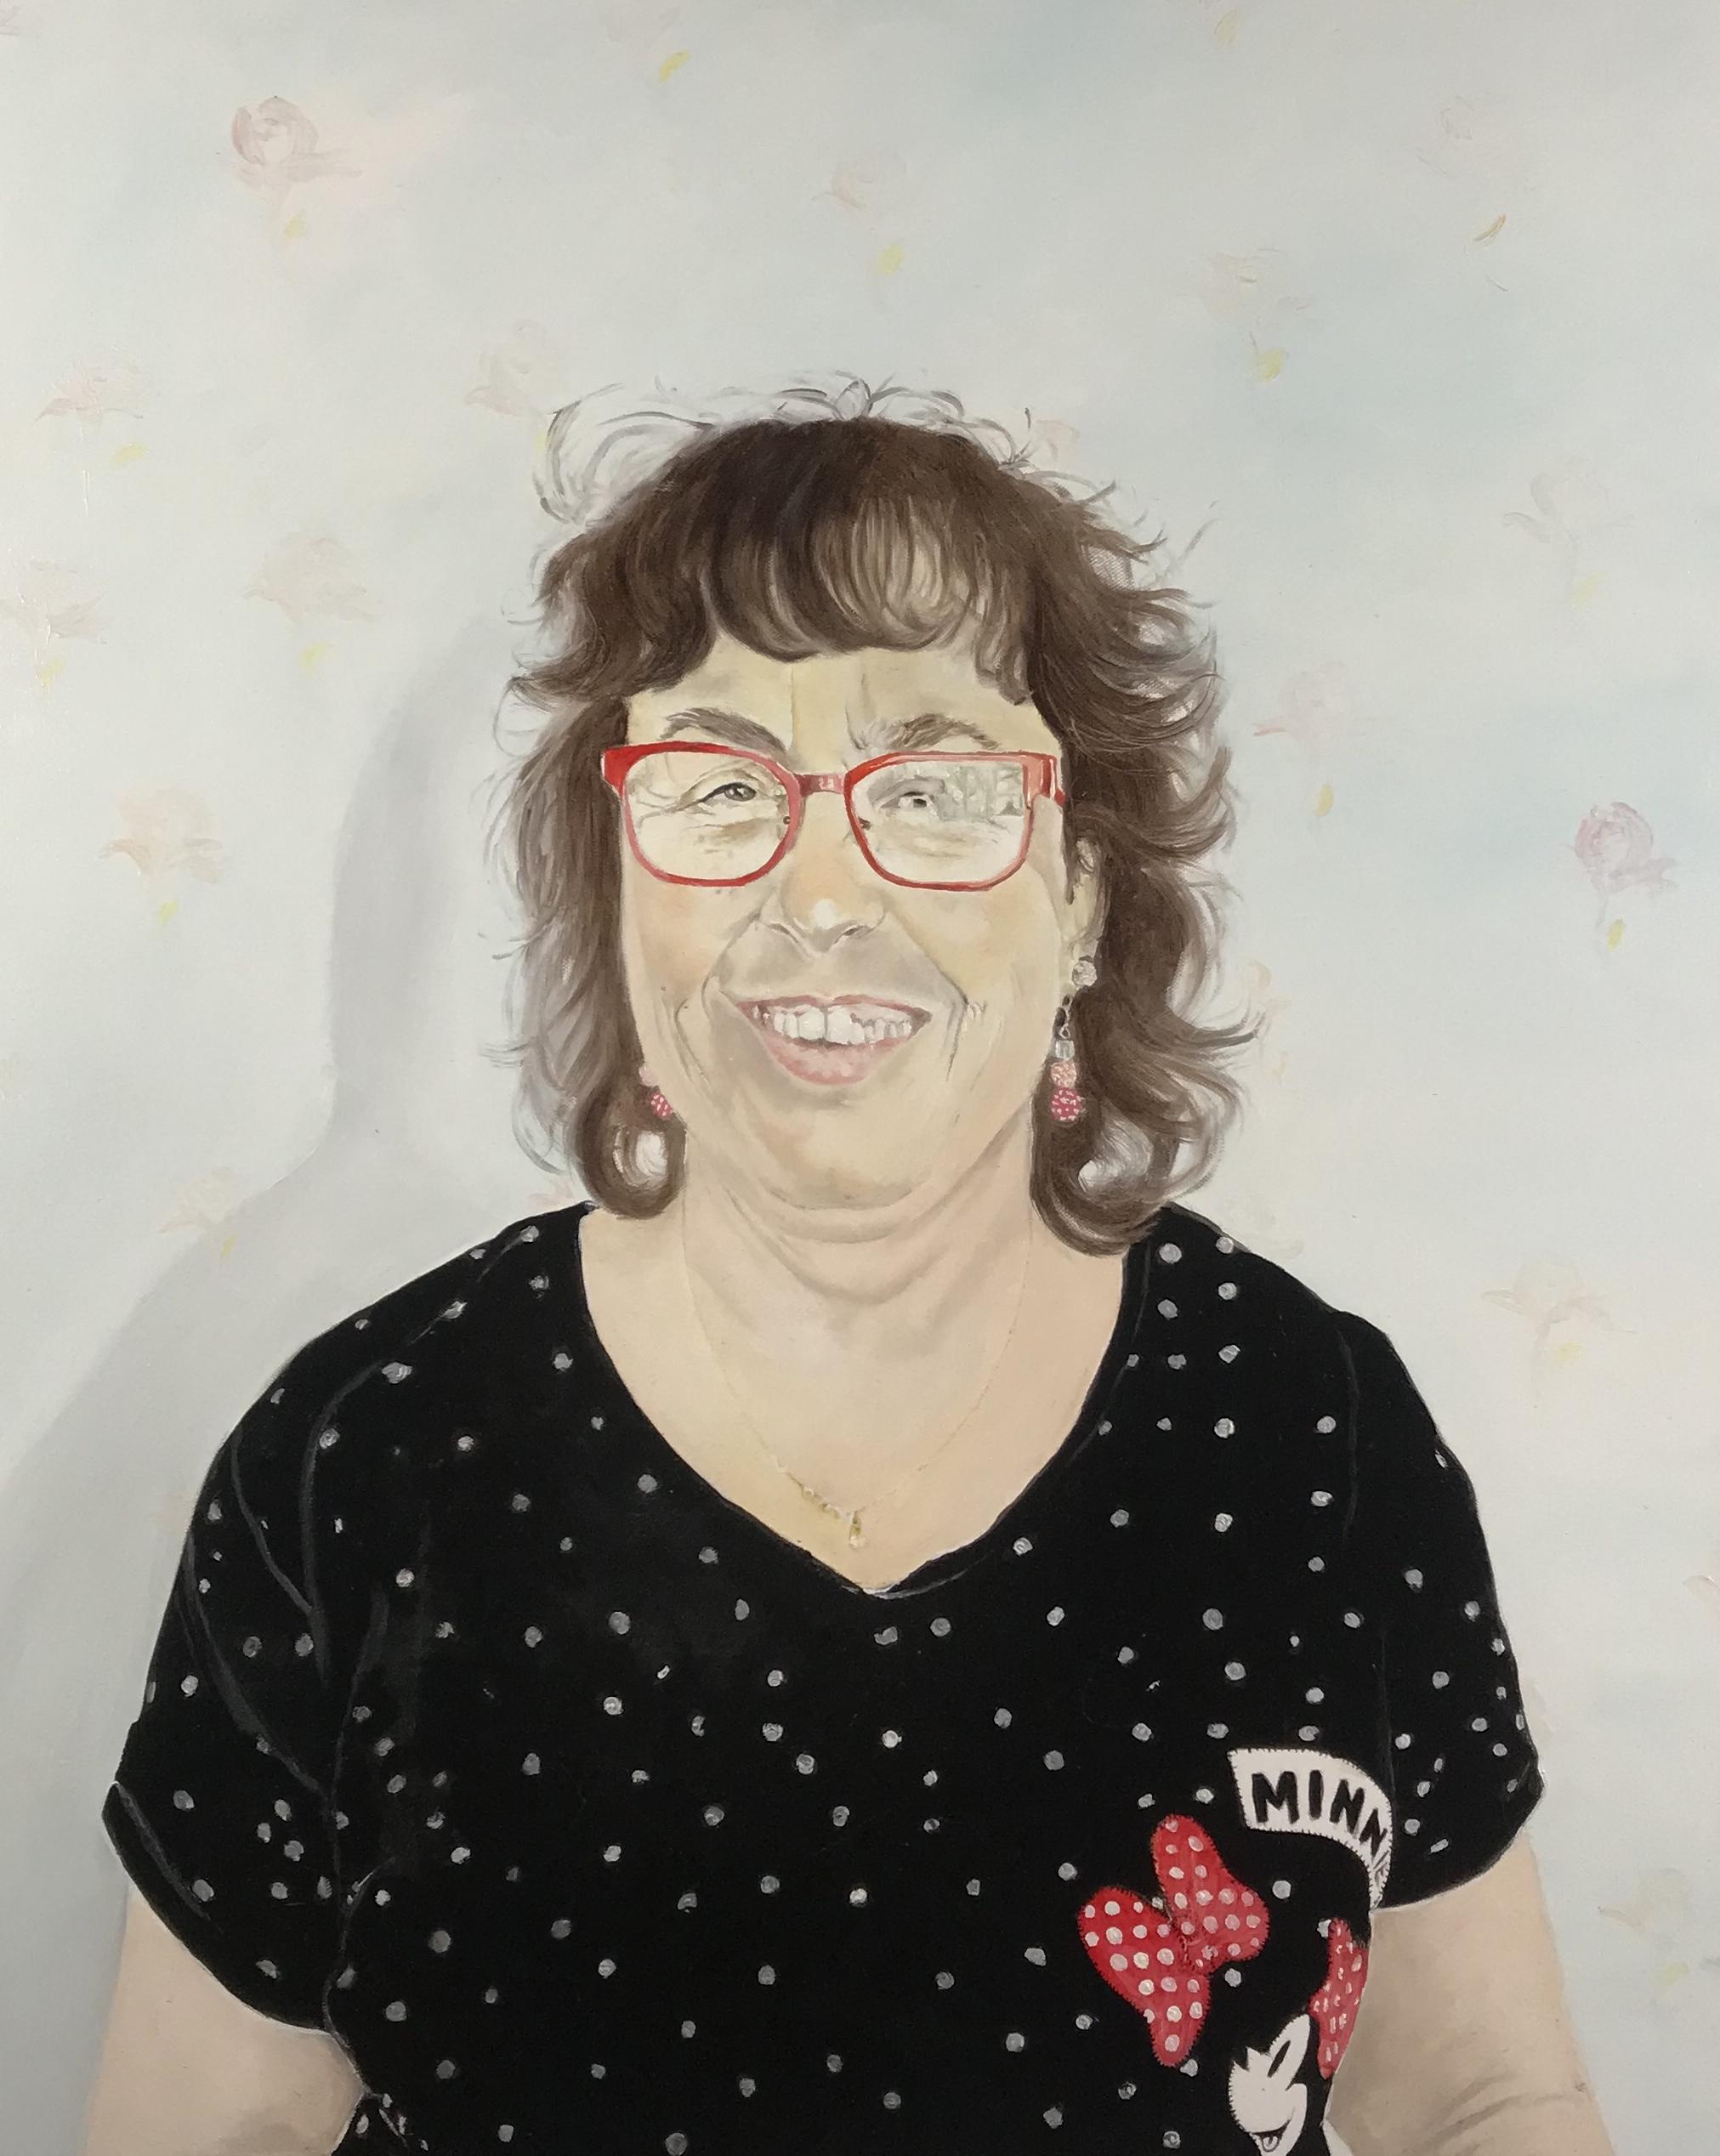 Michelle - Huile sur toile, 81 x 65 cm, Toulouse, 2018